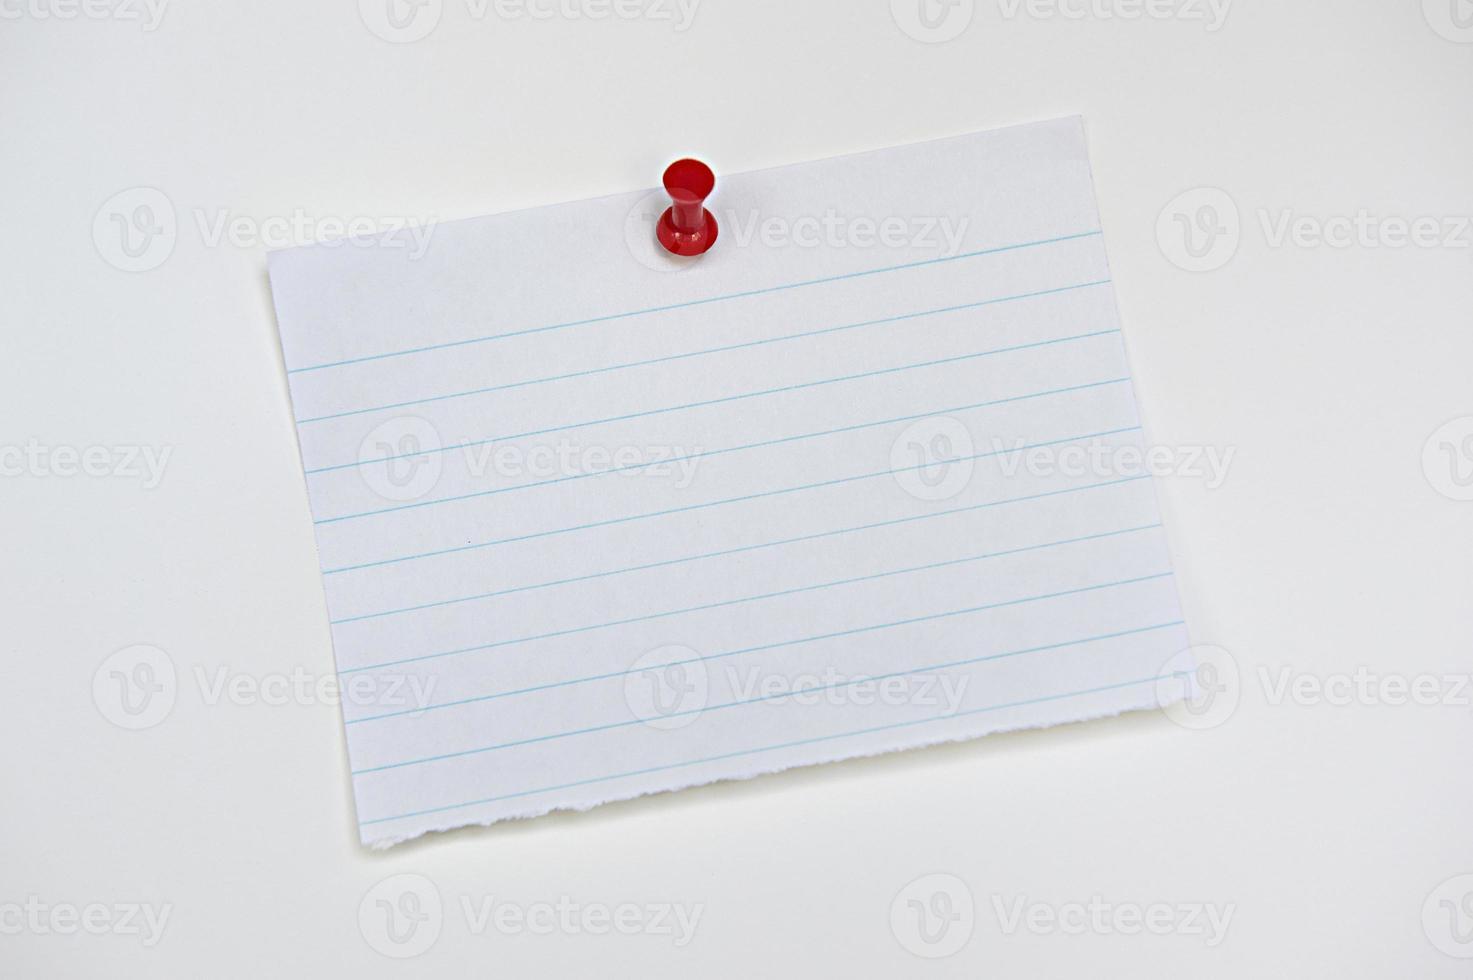 papier à lettres ligné isolé photo